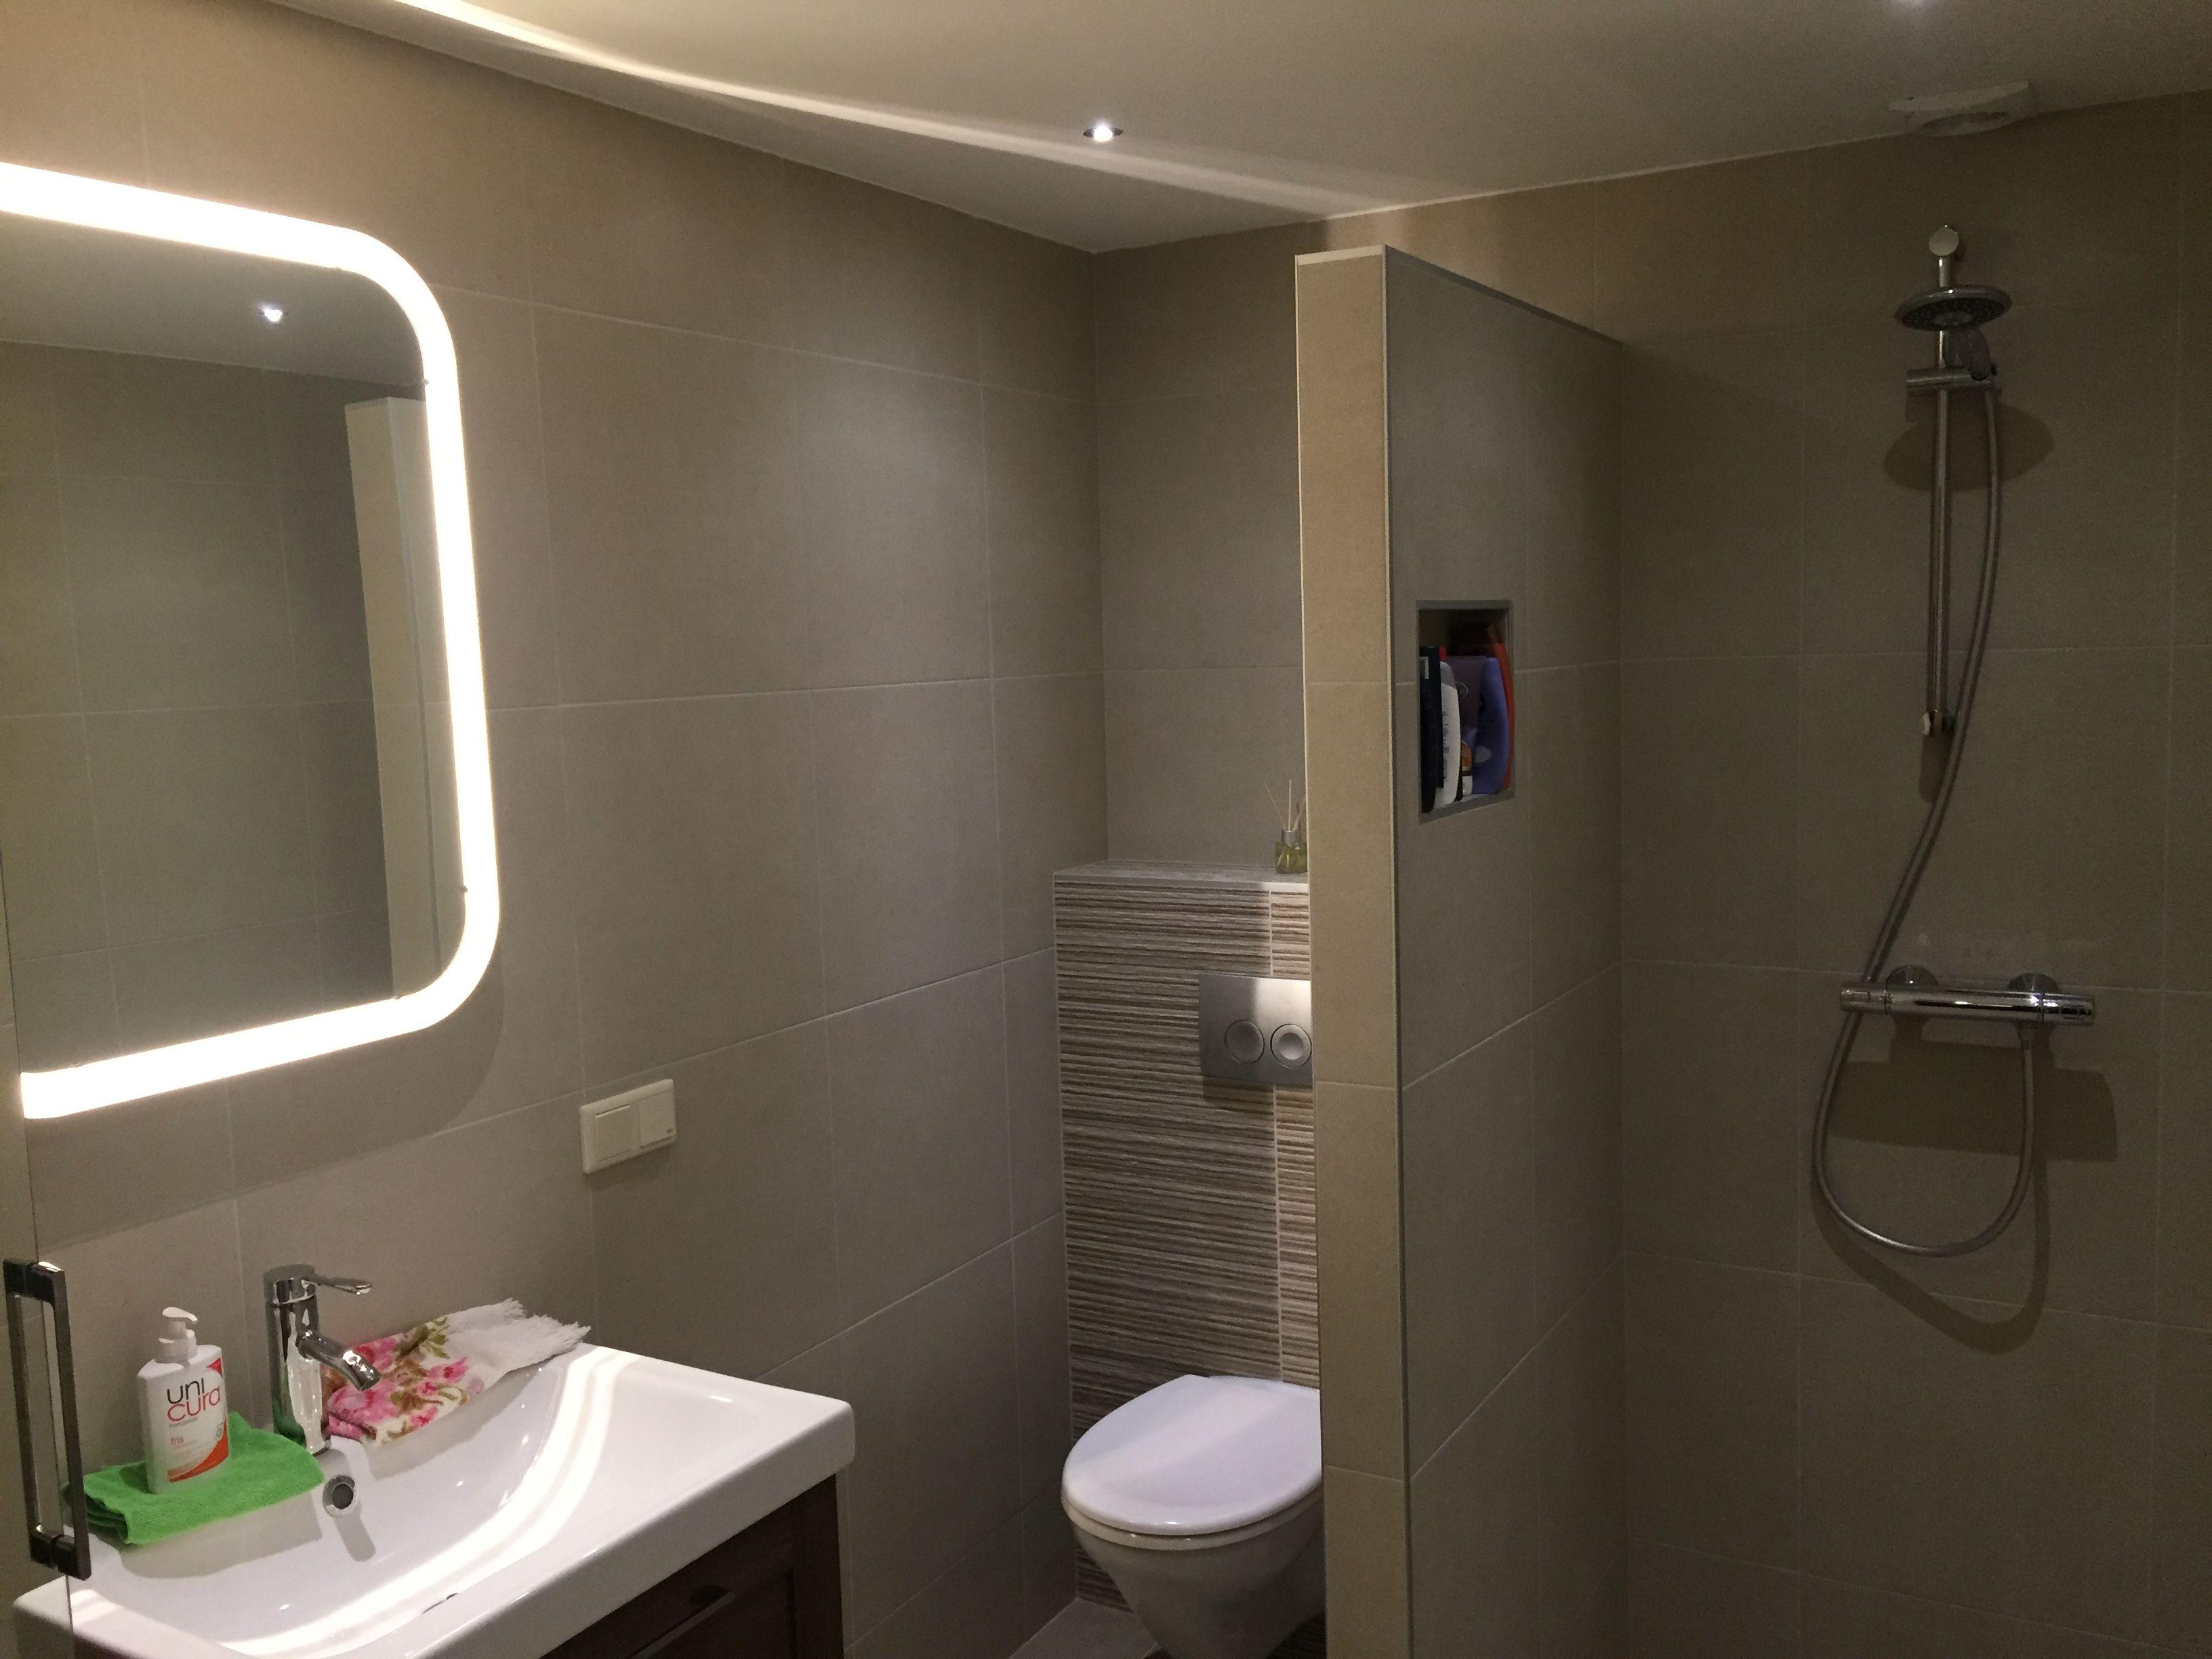 Badkamer opgeleverd...   TvG Elektrotechniek   Pinterest